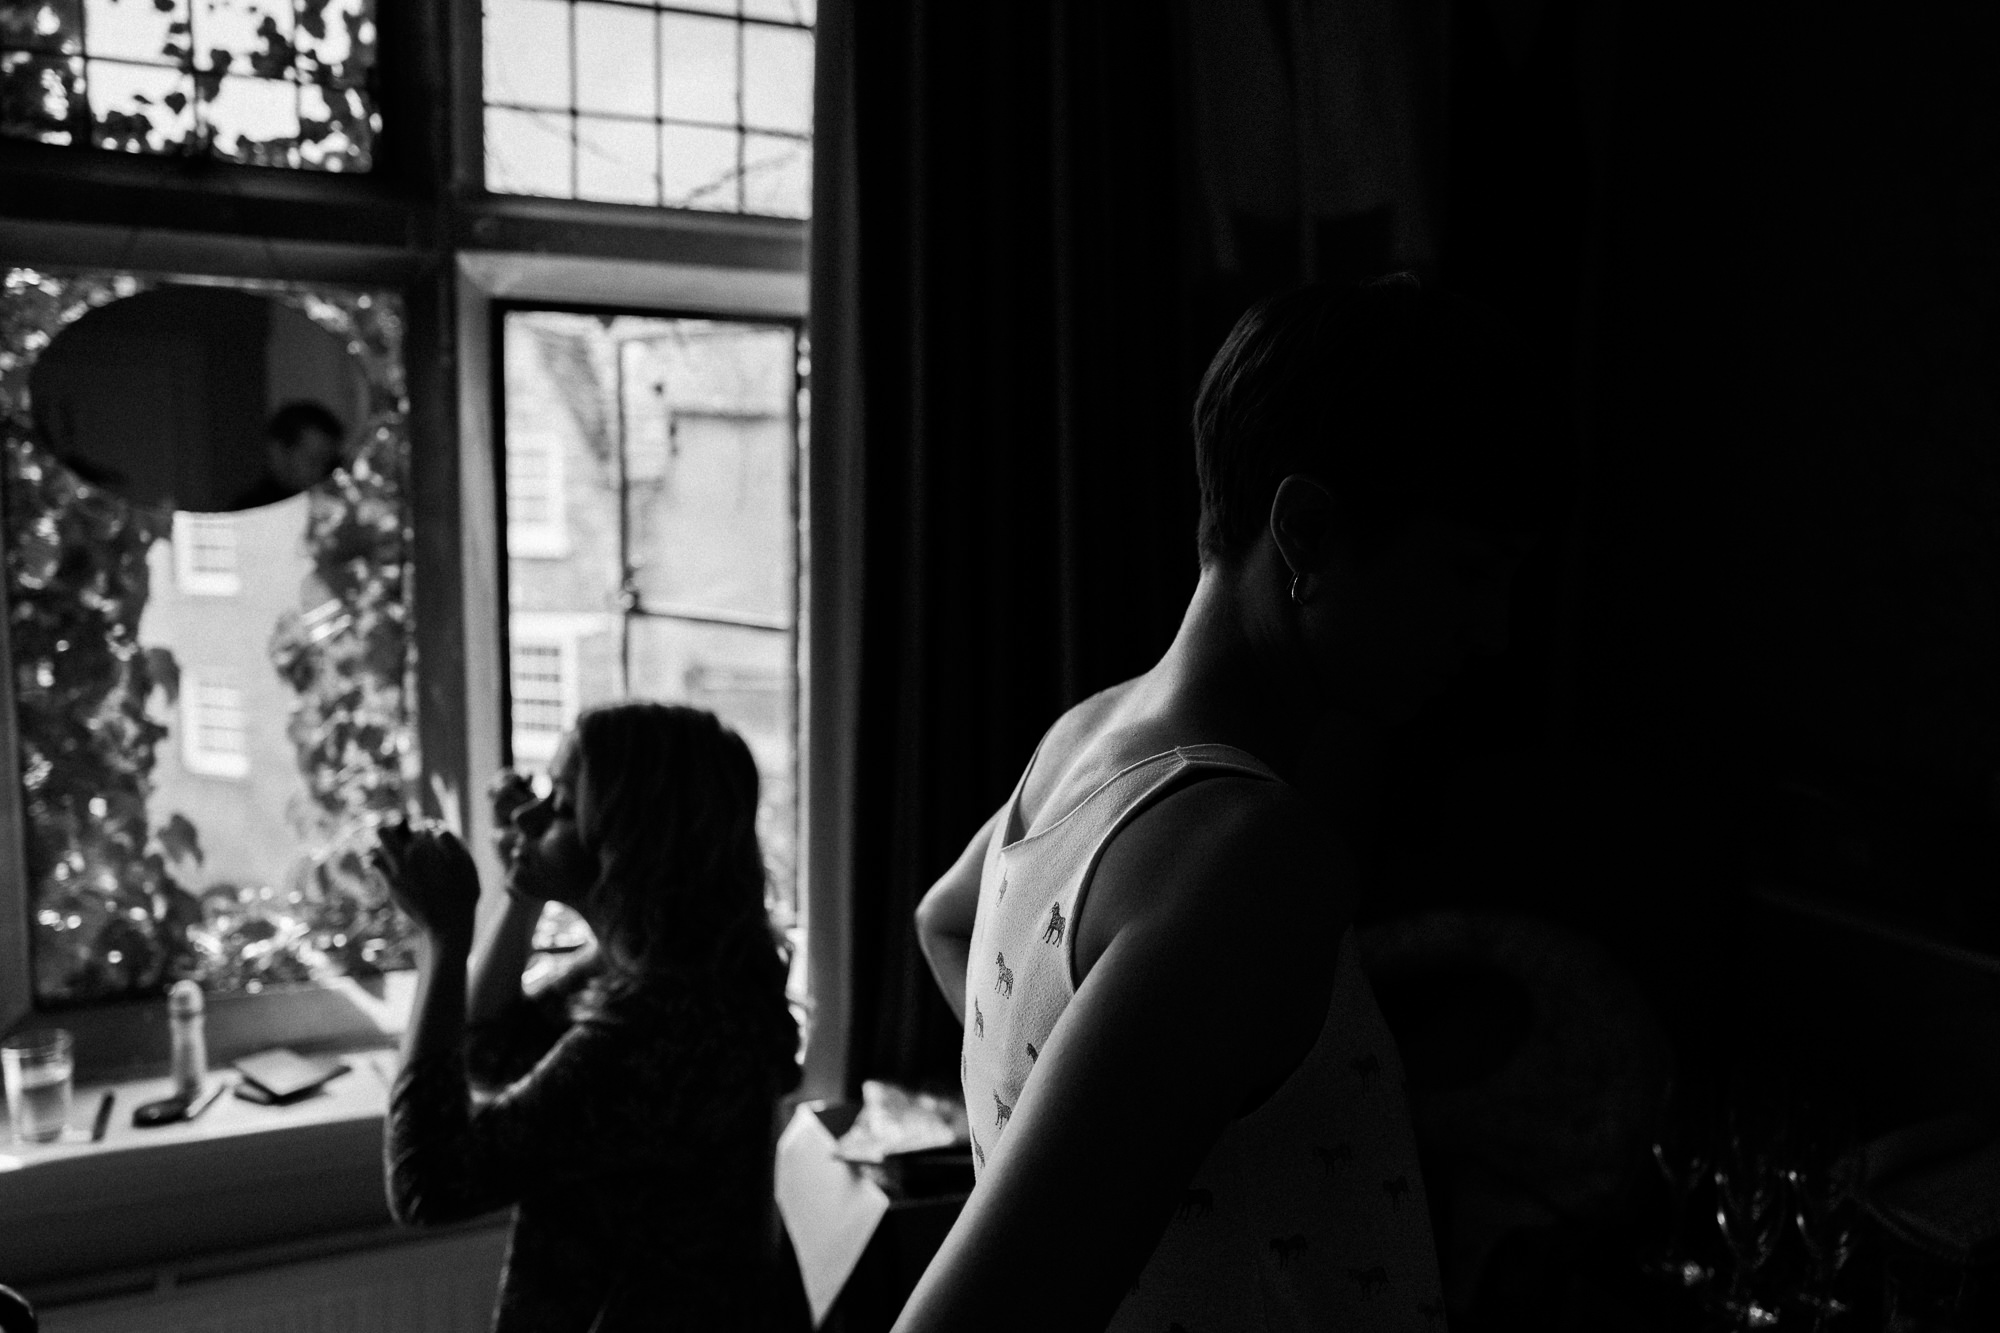 malmsbury-abbey-wedding-4